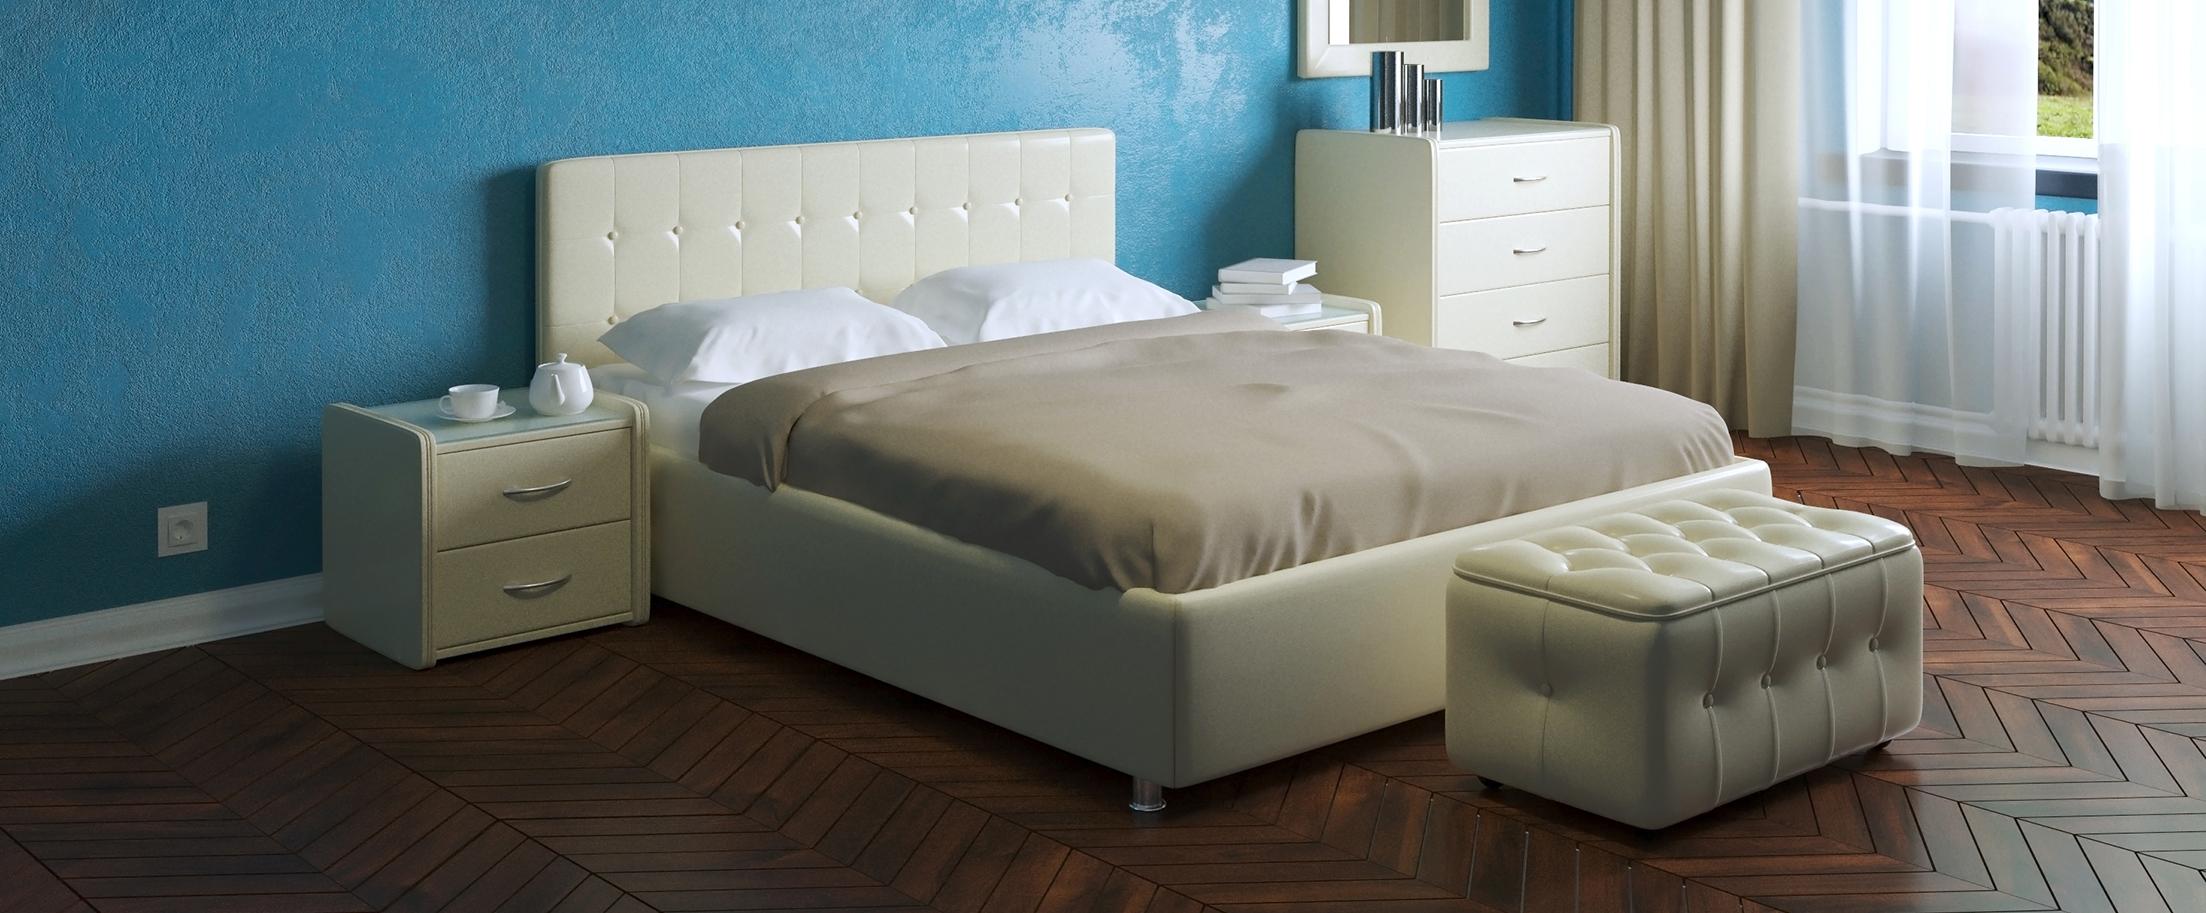 Кровать двуспальная Космопорт Модель 382Шикарная двуспальная кровать с универсальным дизайном. Подчеркнуть минималистичность или же наоборот романтическую роскошь интерьера комнаты можно с помощью спального комплекта соответствующей расцветки.